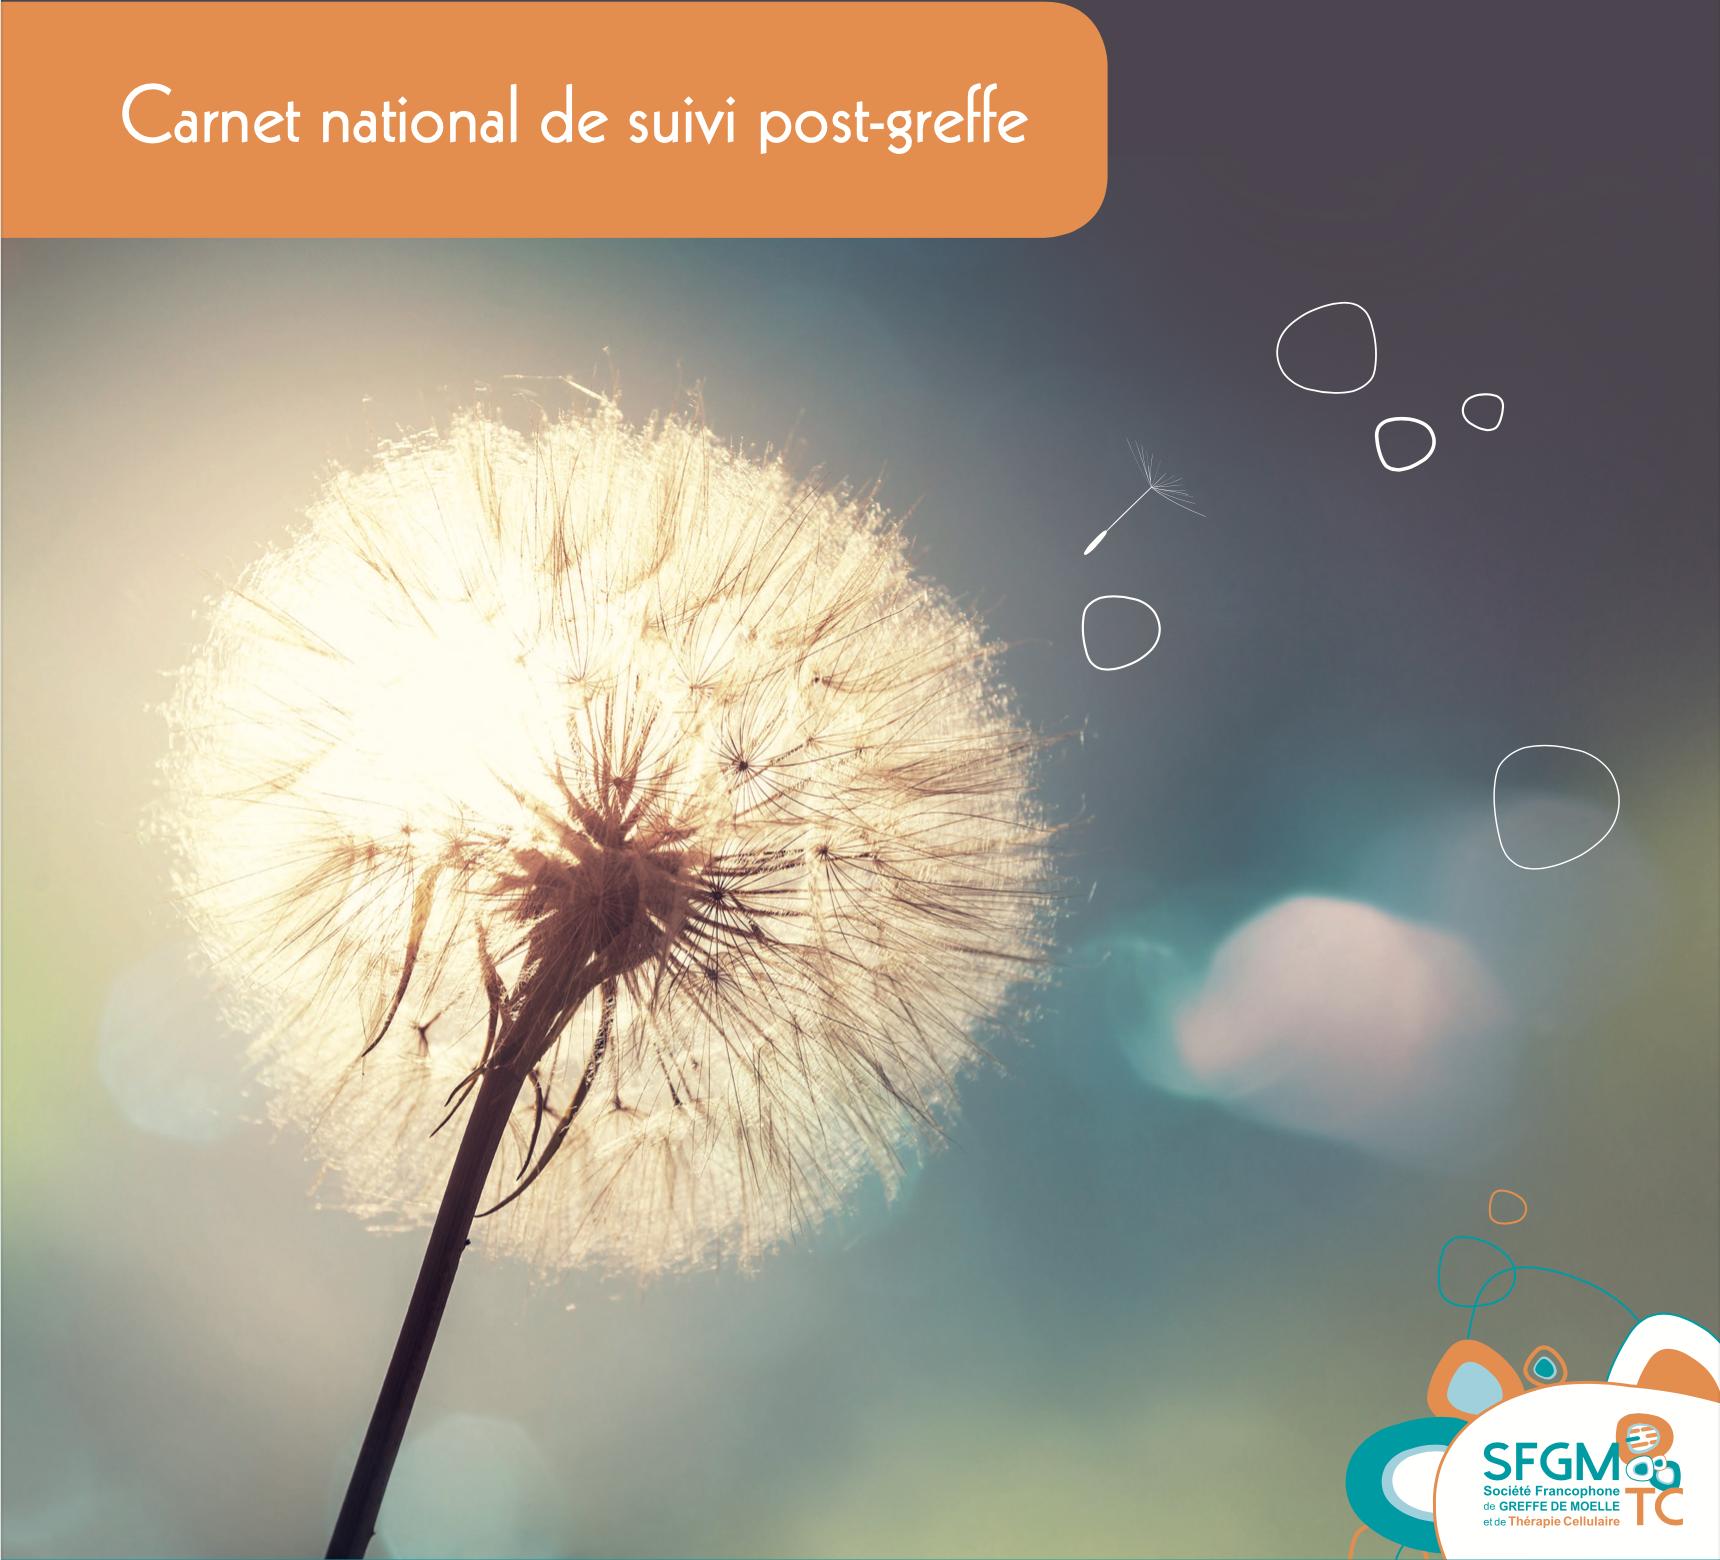 Carnet national de suivi post-greffe